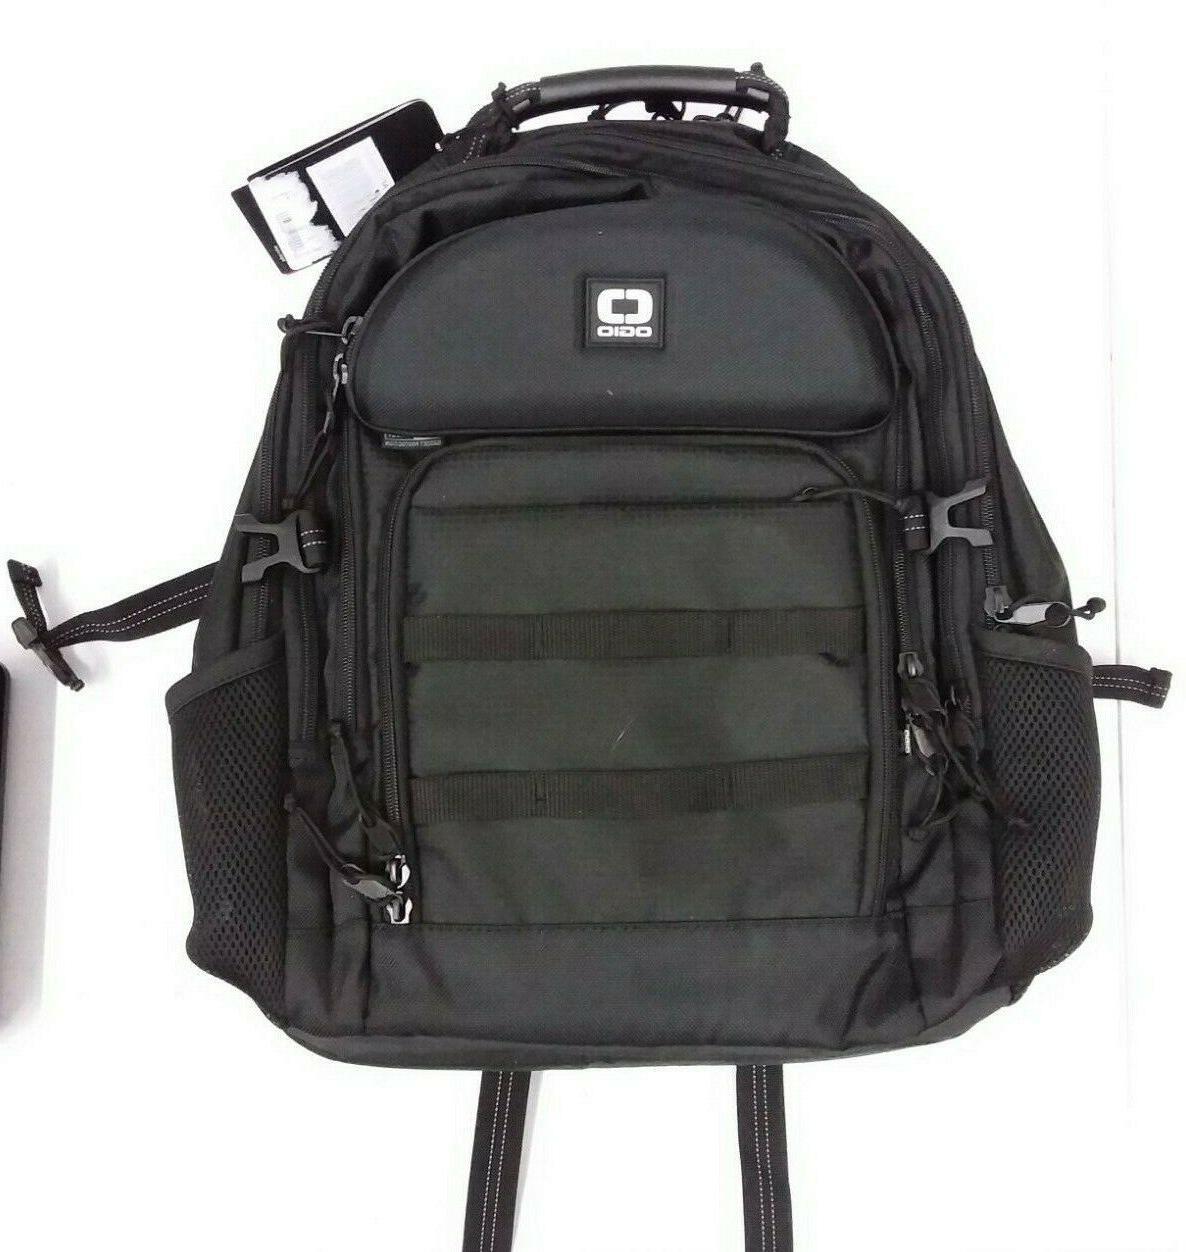 alpha prospect backpack 17 top loading laptop